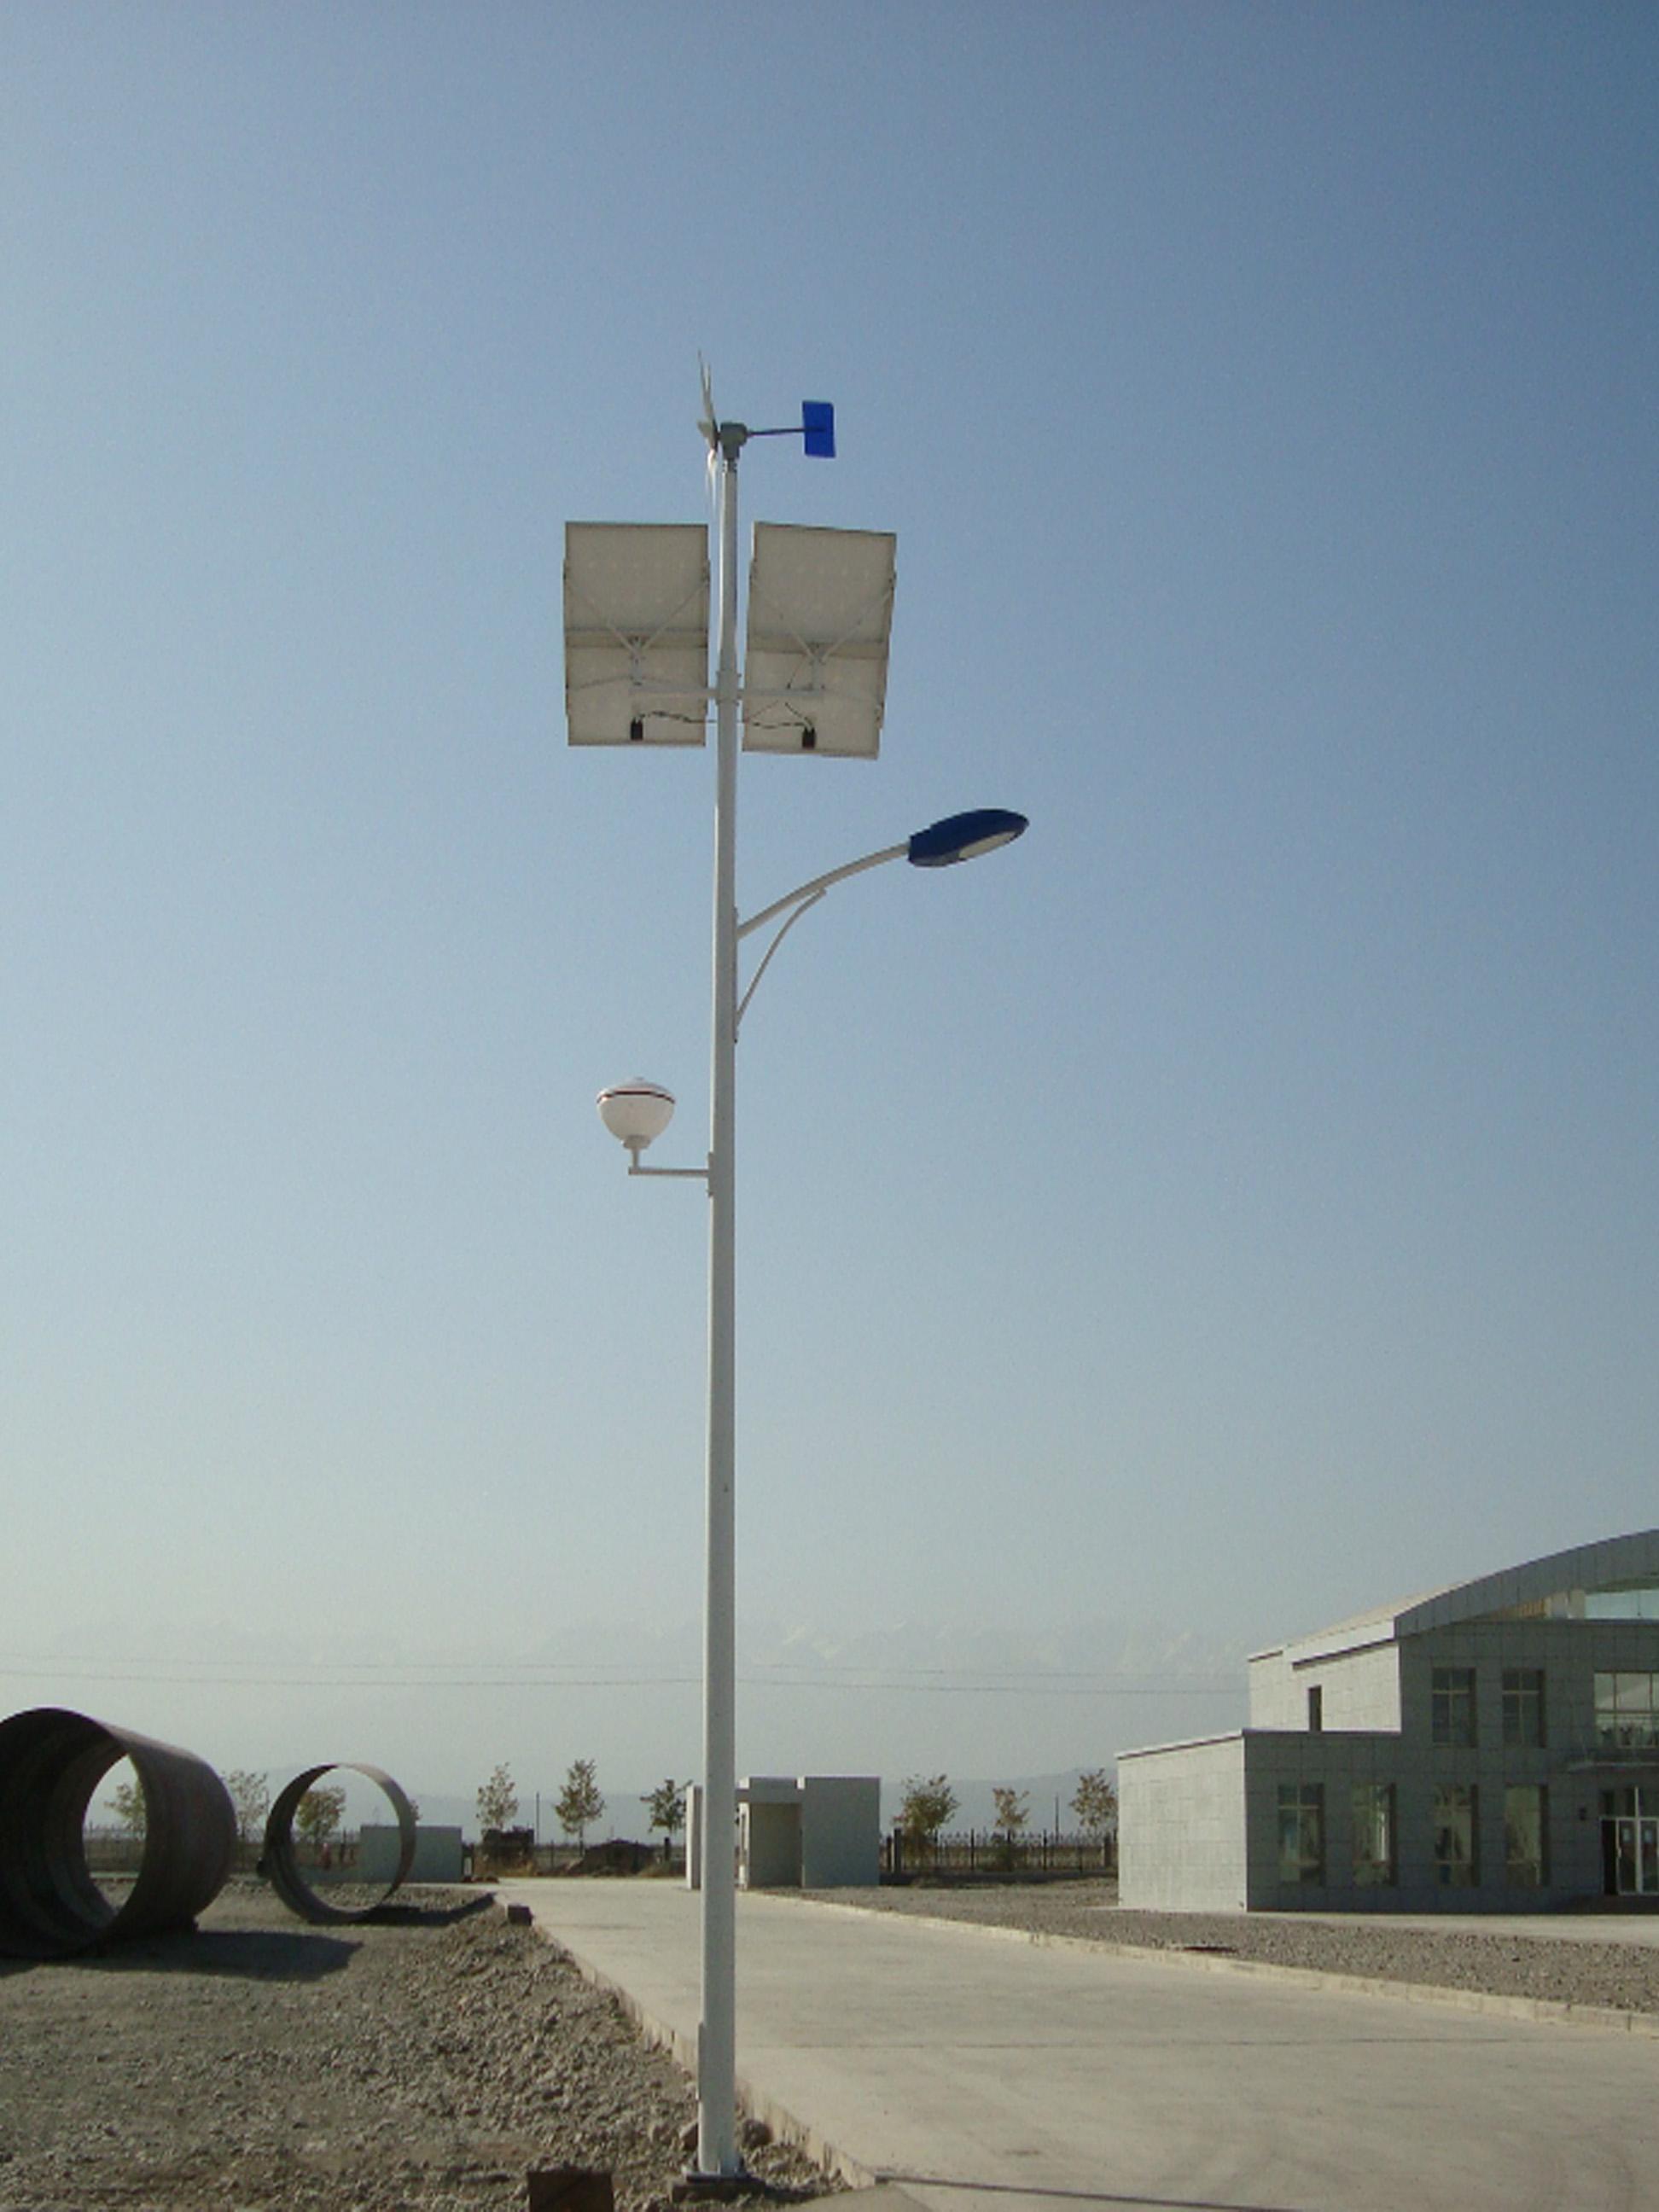 太陽能路燈投入資金少